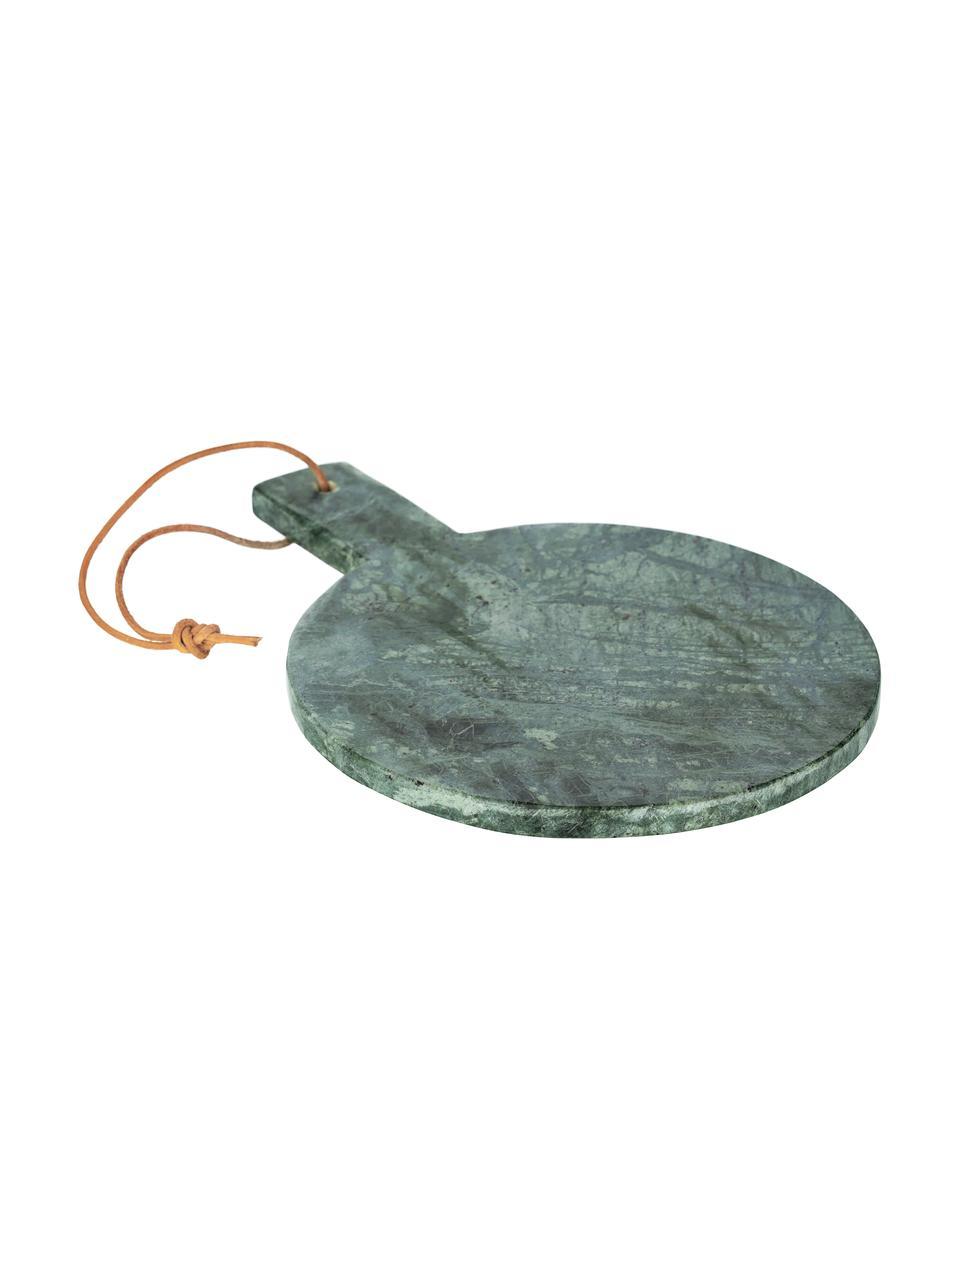 Marmeren snijplank Tresa met ophanglus, L 30 x B 22 cm, Ophanglus: buffelleer, Gemarmerd groen, 22 x 30 cm